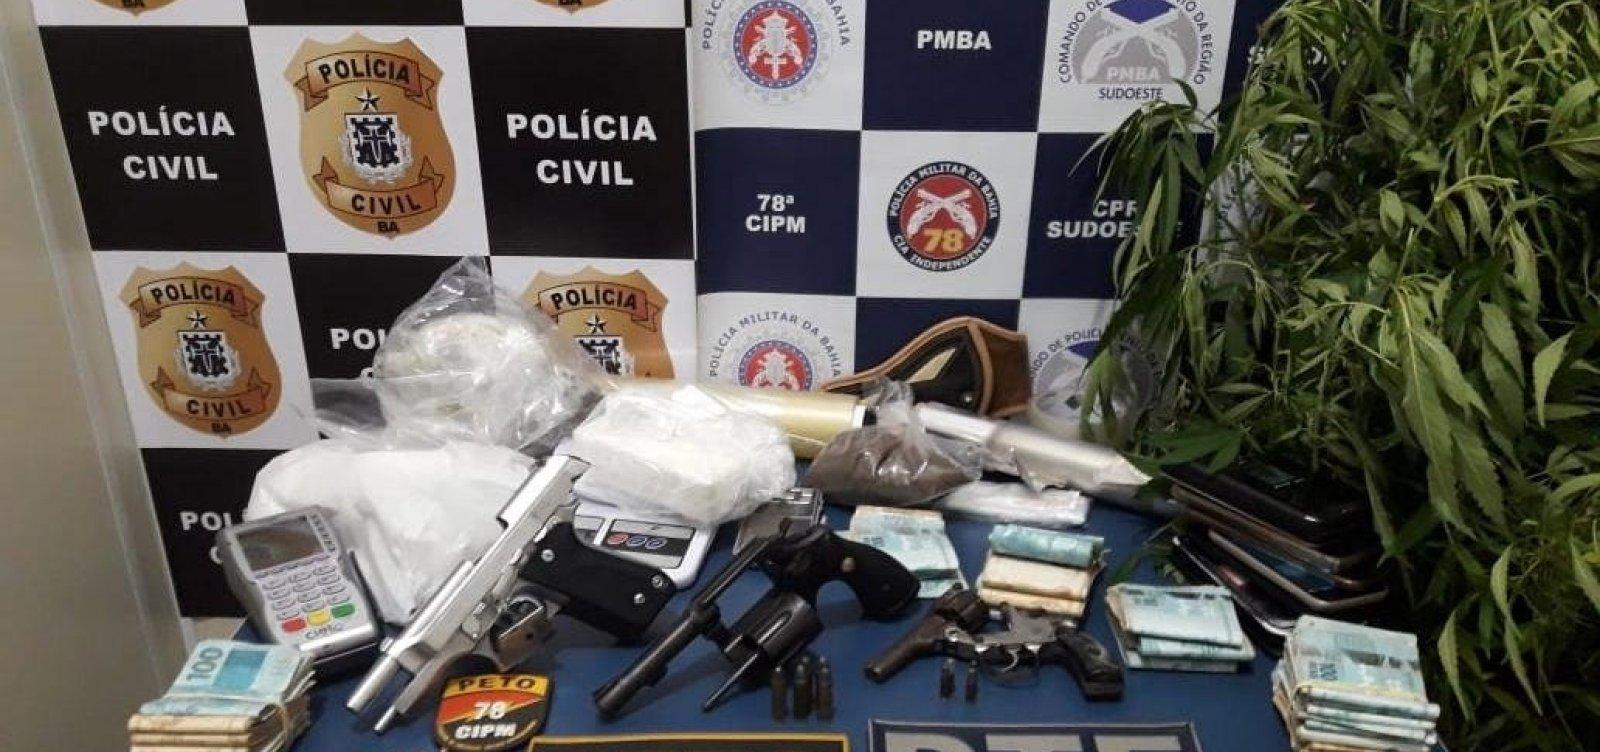 Mãe e filho são presos com R$ 34 mil, armas e drogas em Vitória da Conquista